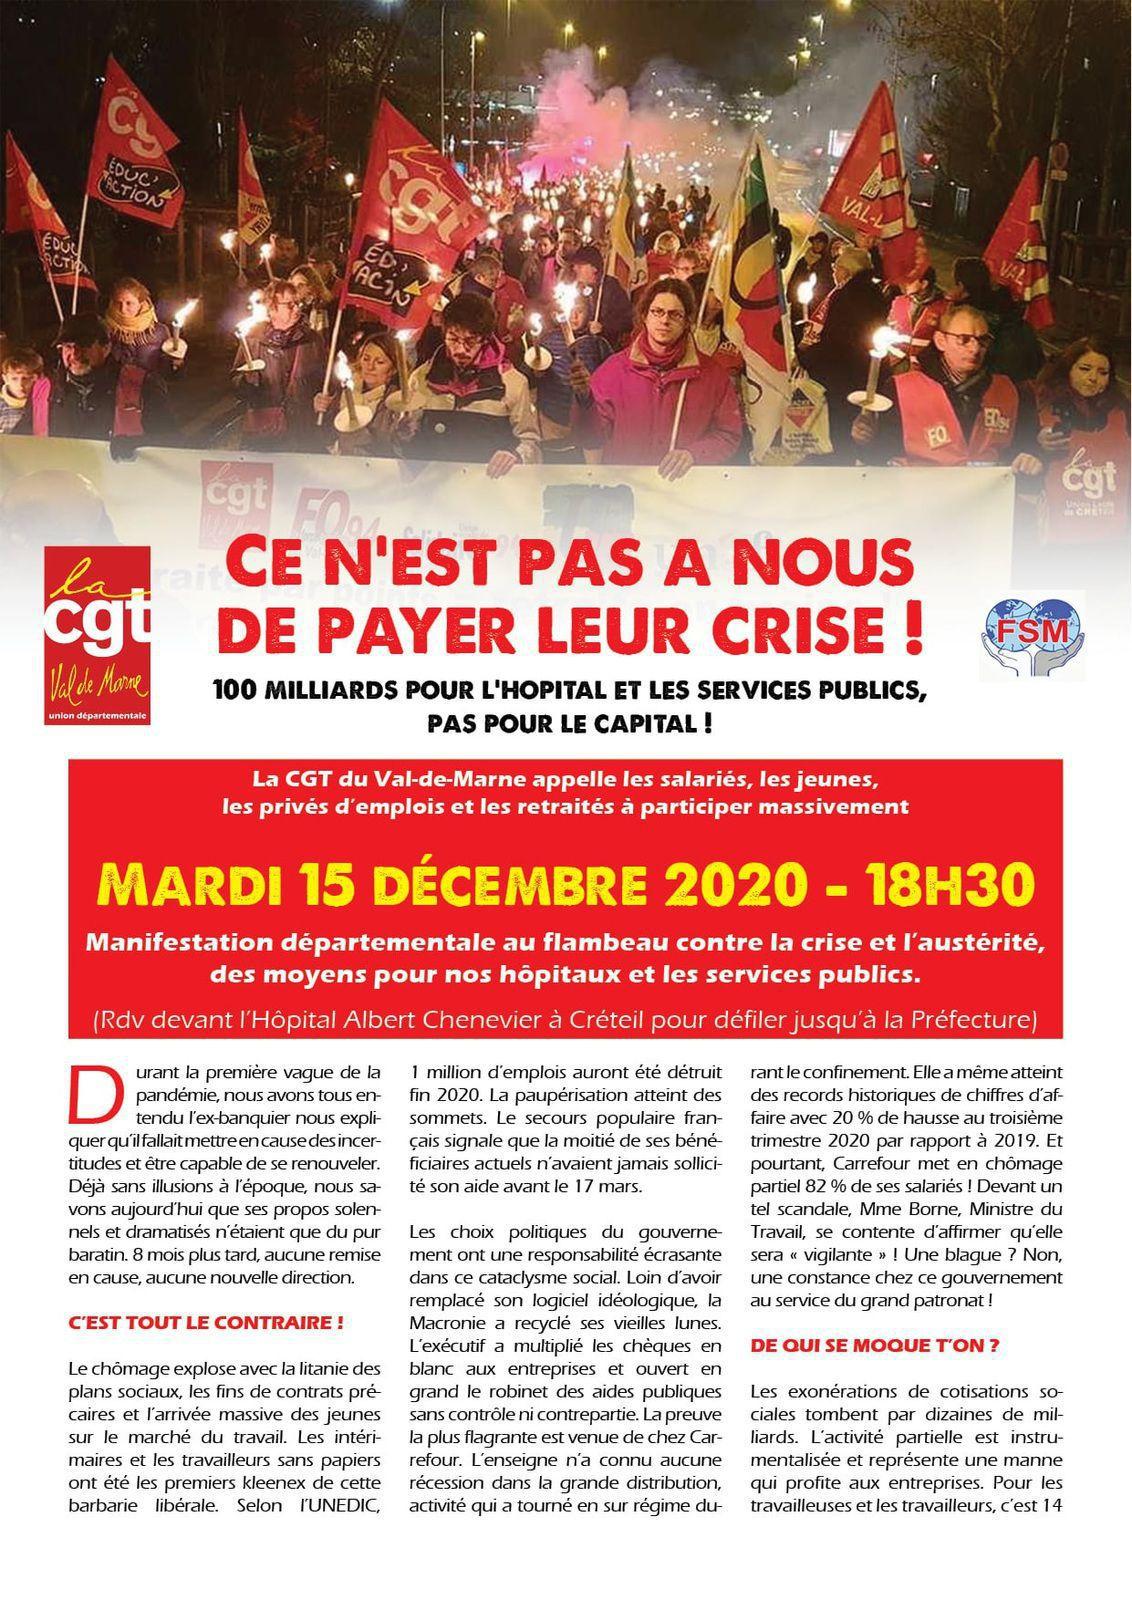 Ce n'est PAS À NOUS de payer LEUR CRISE ! Manifestation à Créteil (94) mardi 15 décembre 2020